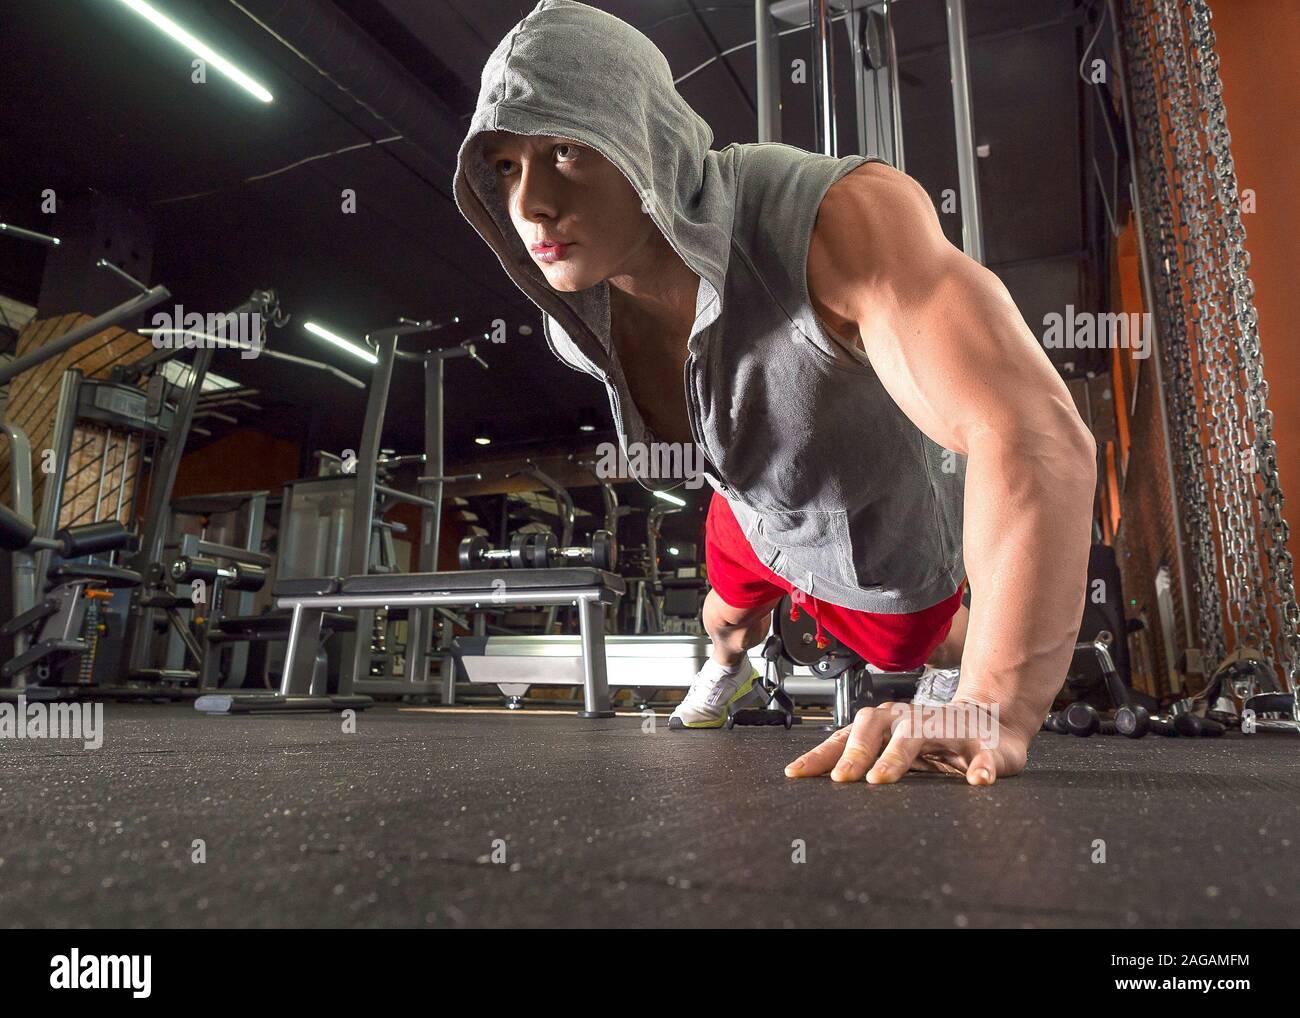 Giovane uomo sportivo facendo spingere ups esercitare con una mano in una palestra per il fitness. Uno stile di vita sano concetto Foto Stock